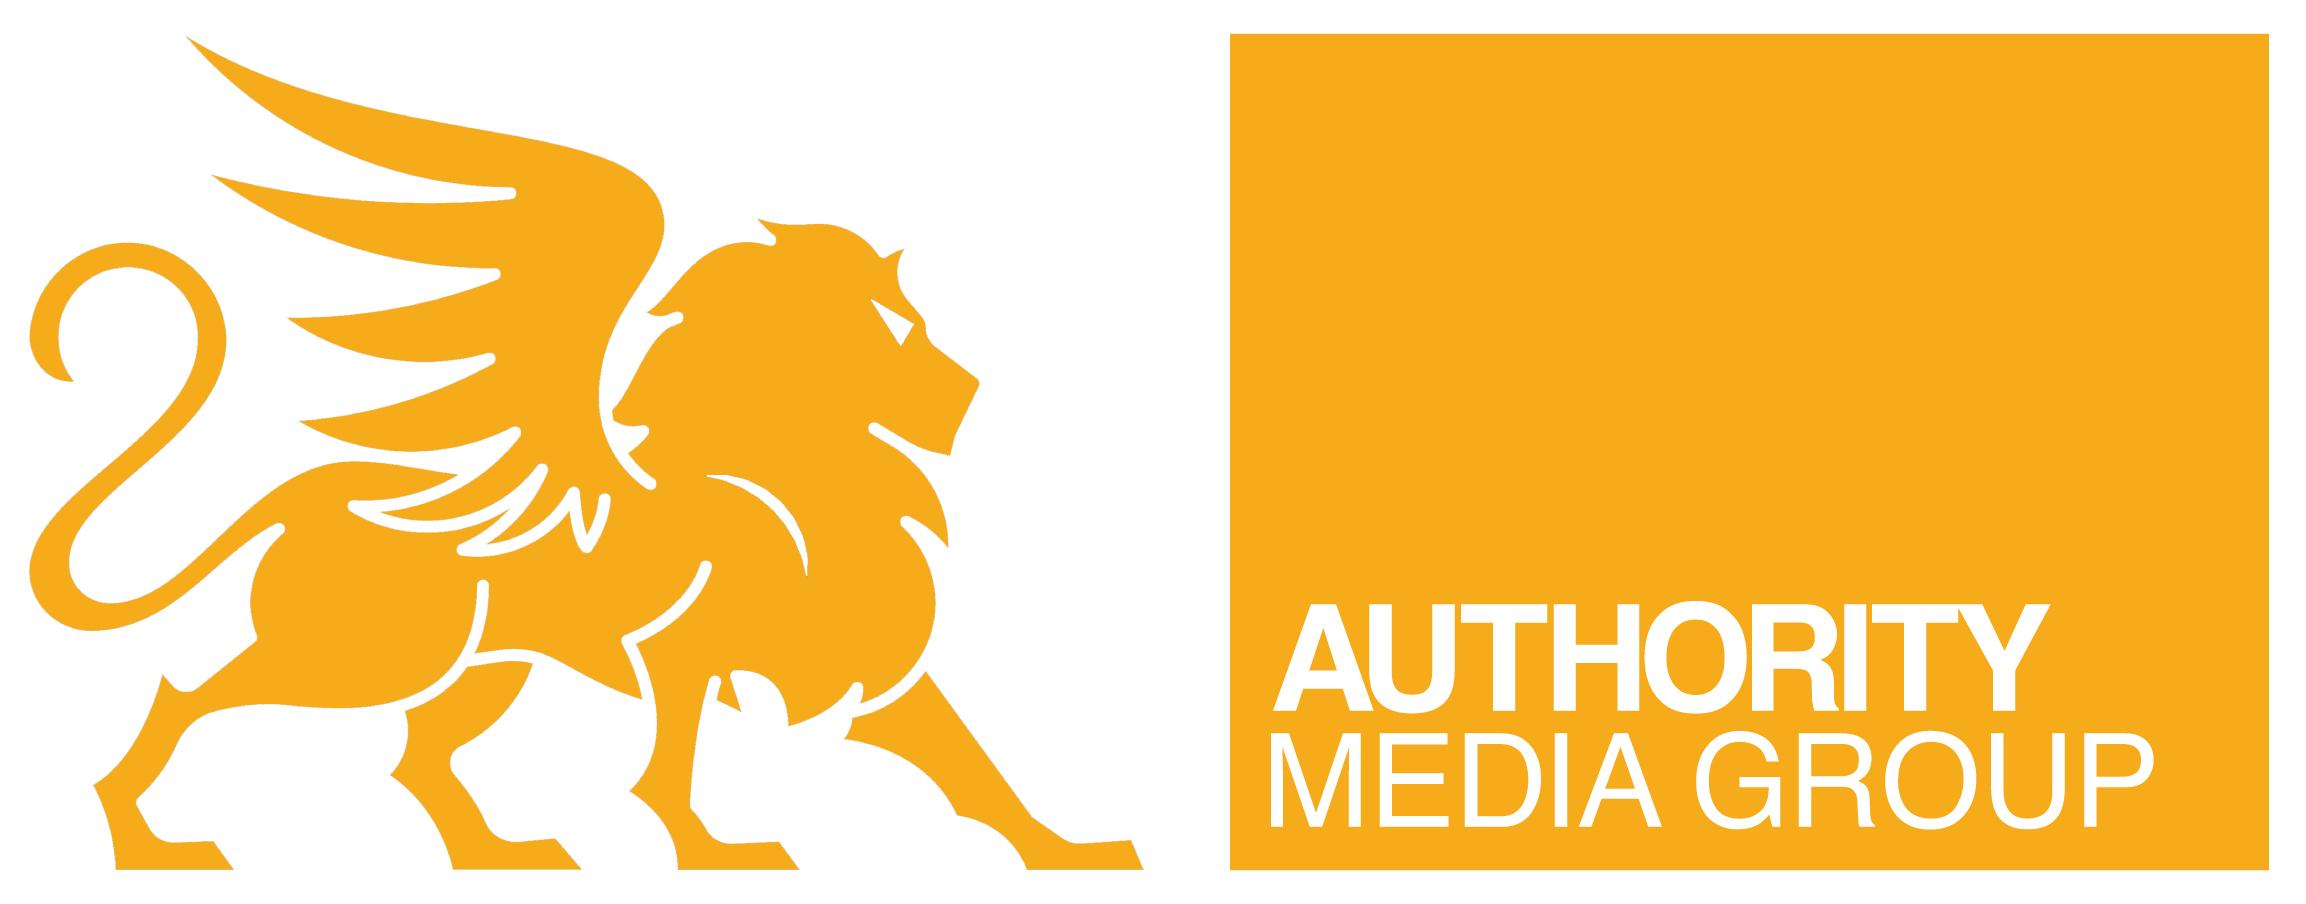 AuthorityMediaGroupLogojpg